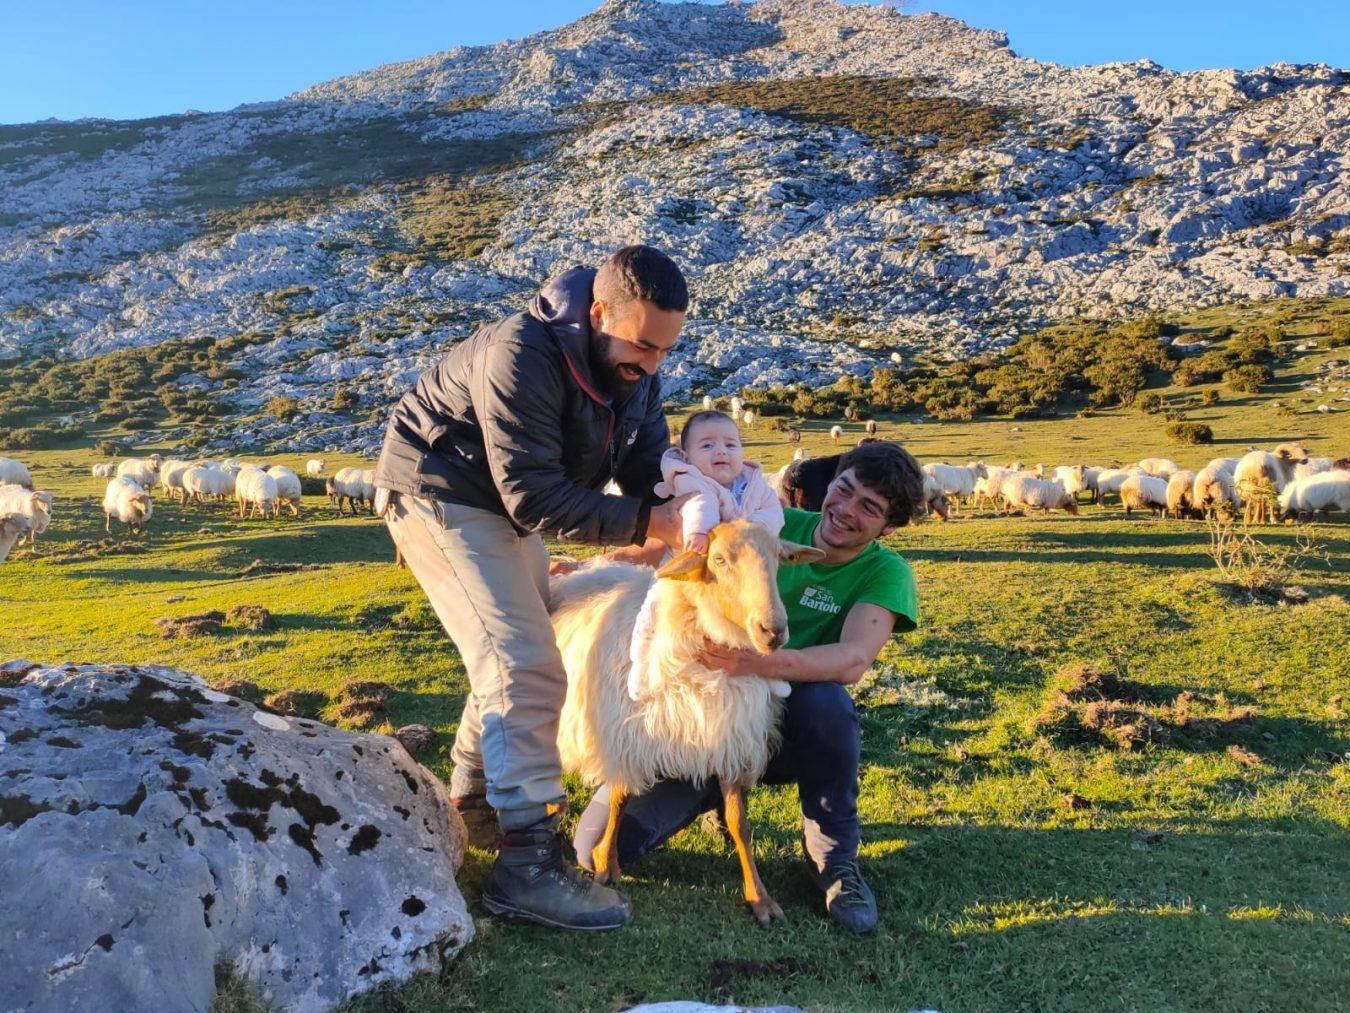 Después de dos años, Nel Cañedo consigue la autorización para crear una quesería en el puertu, en la majada de Soñín